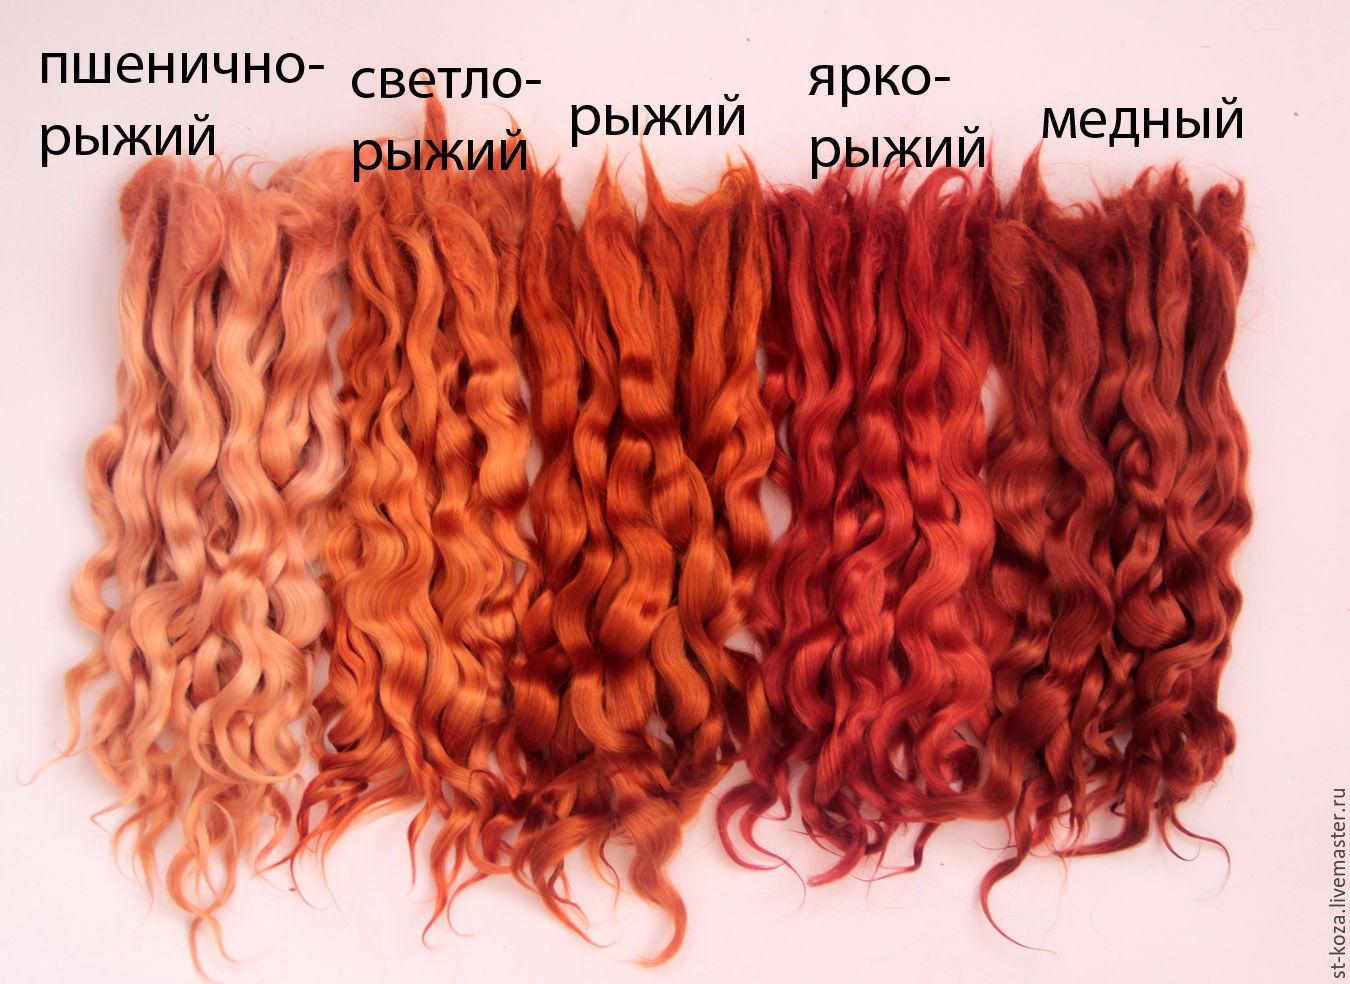 популярность рыжих женщин у мужчин